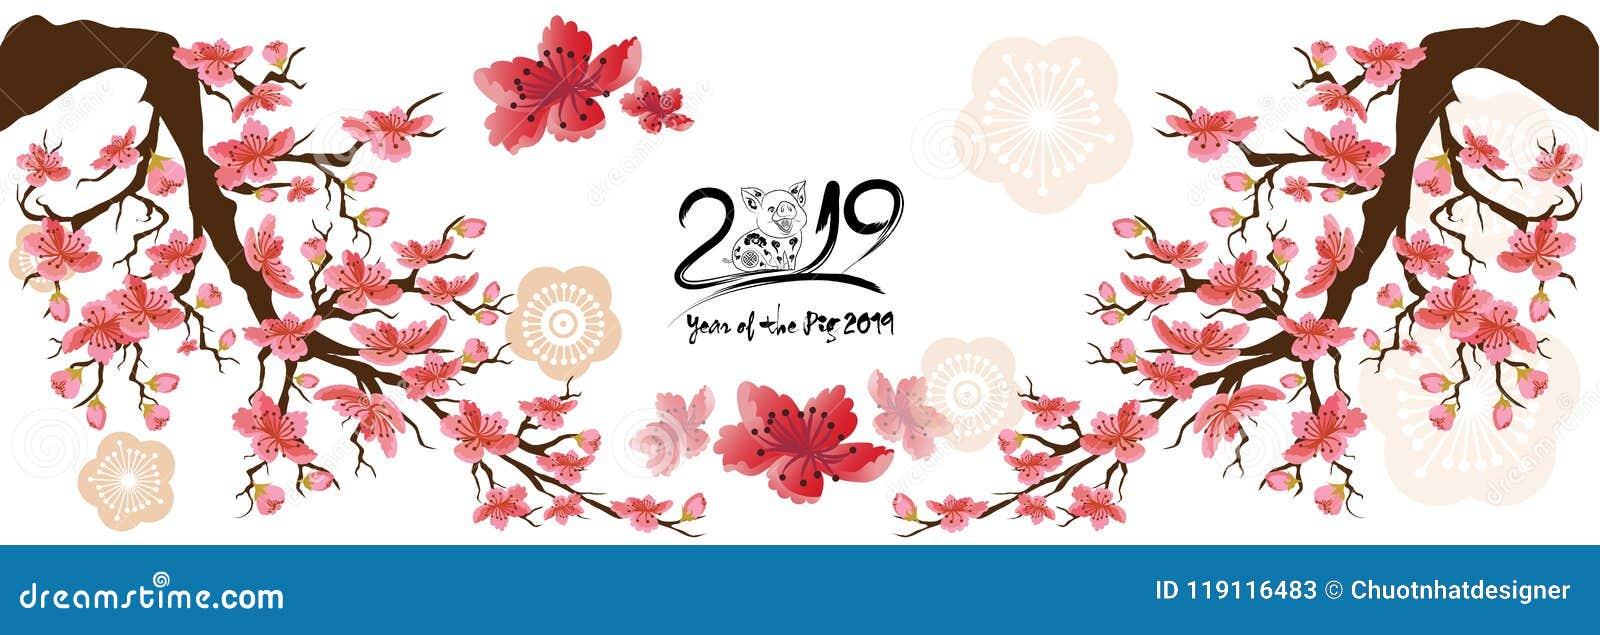 设置横幅新年好2019年贺卡和猪的春节,樱花背景图片